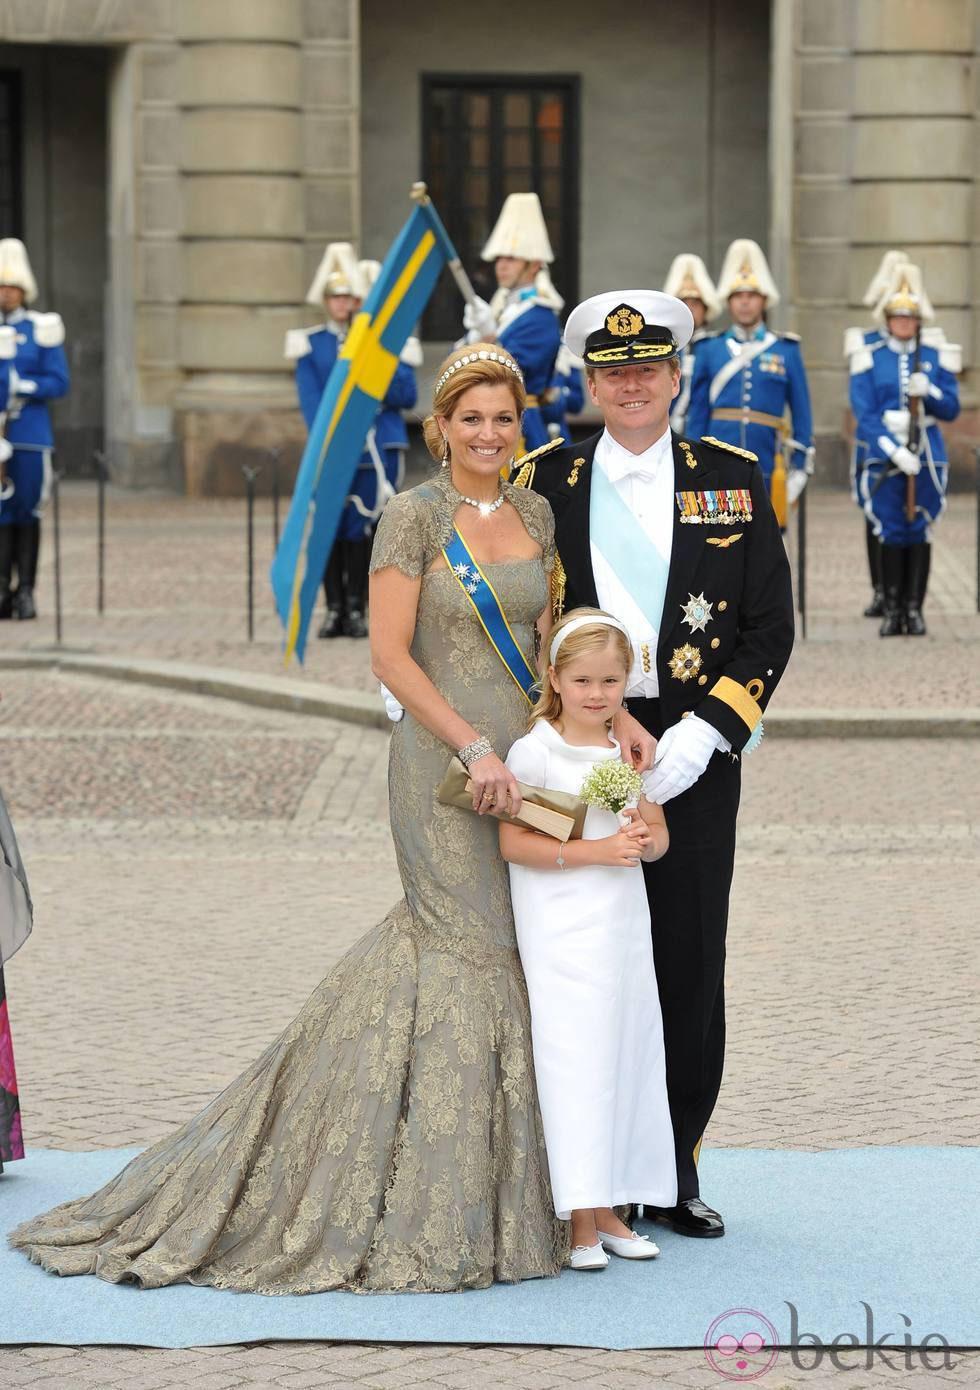 Guillermo y Mxima de Holanda con la Princesa Amalia en la